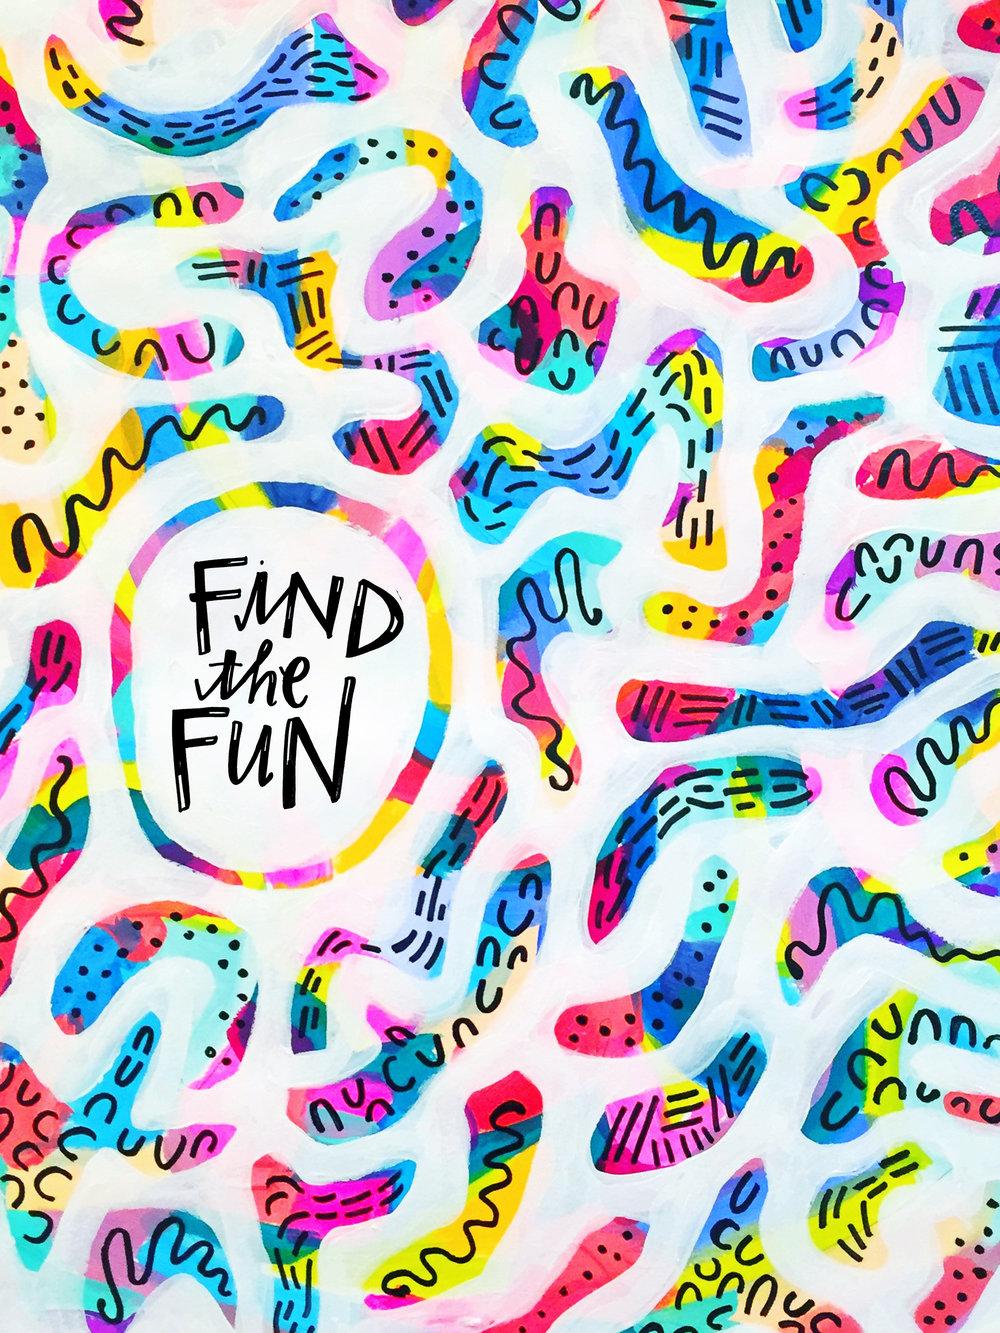 1/24/16: Fun